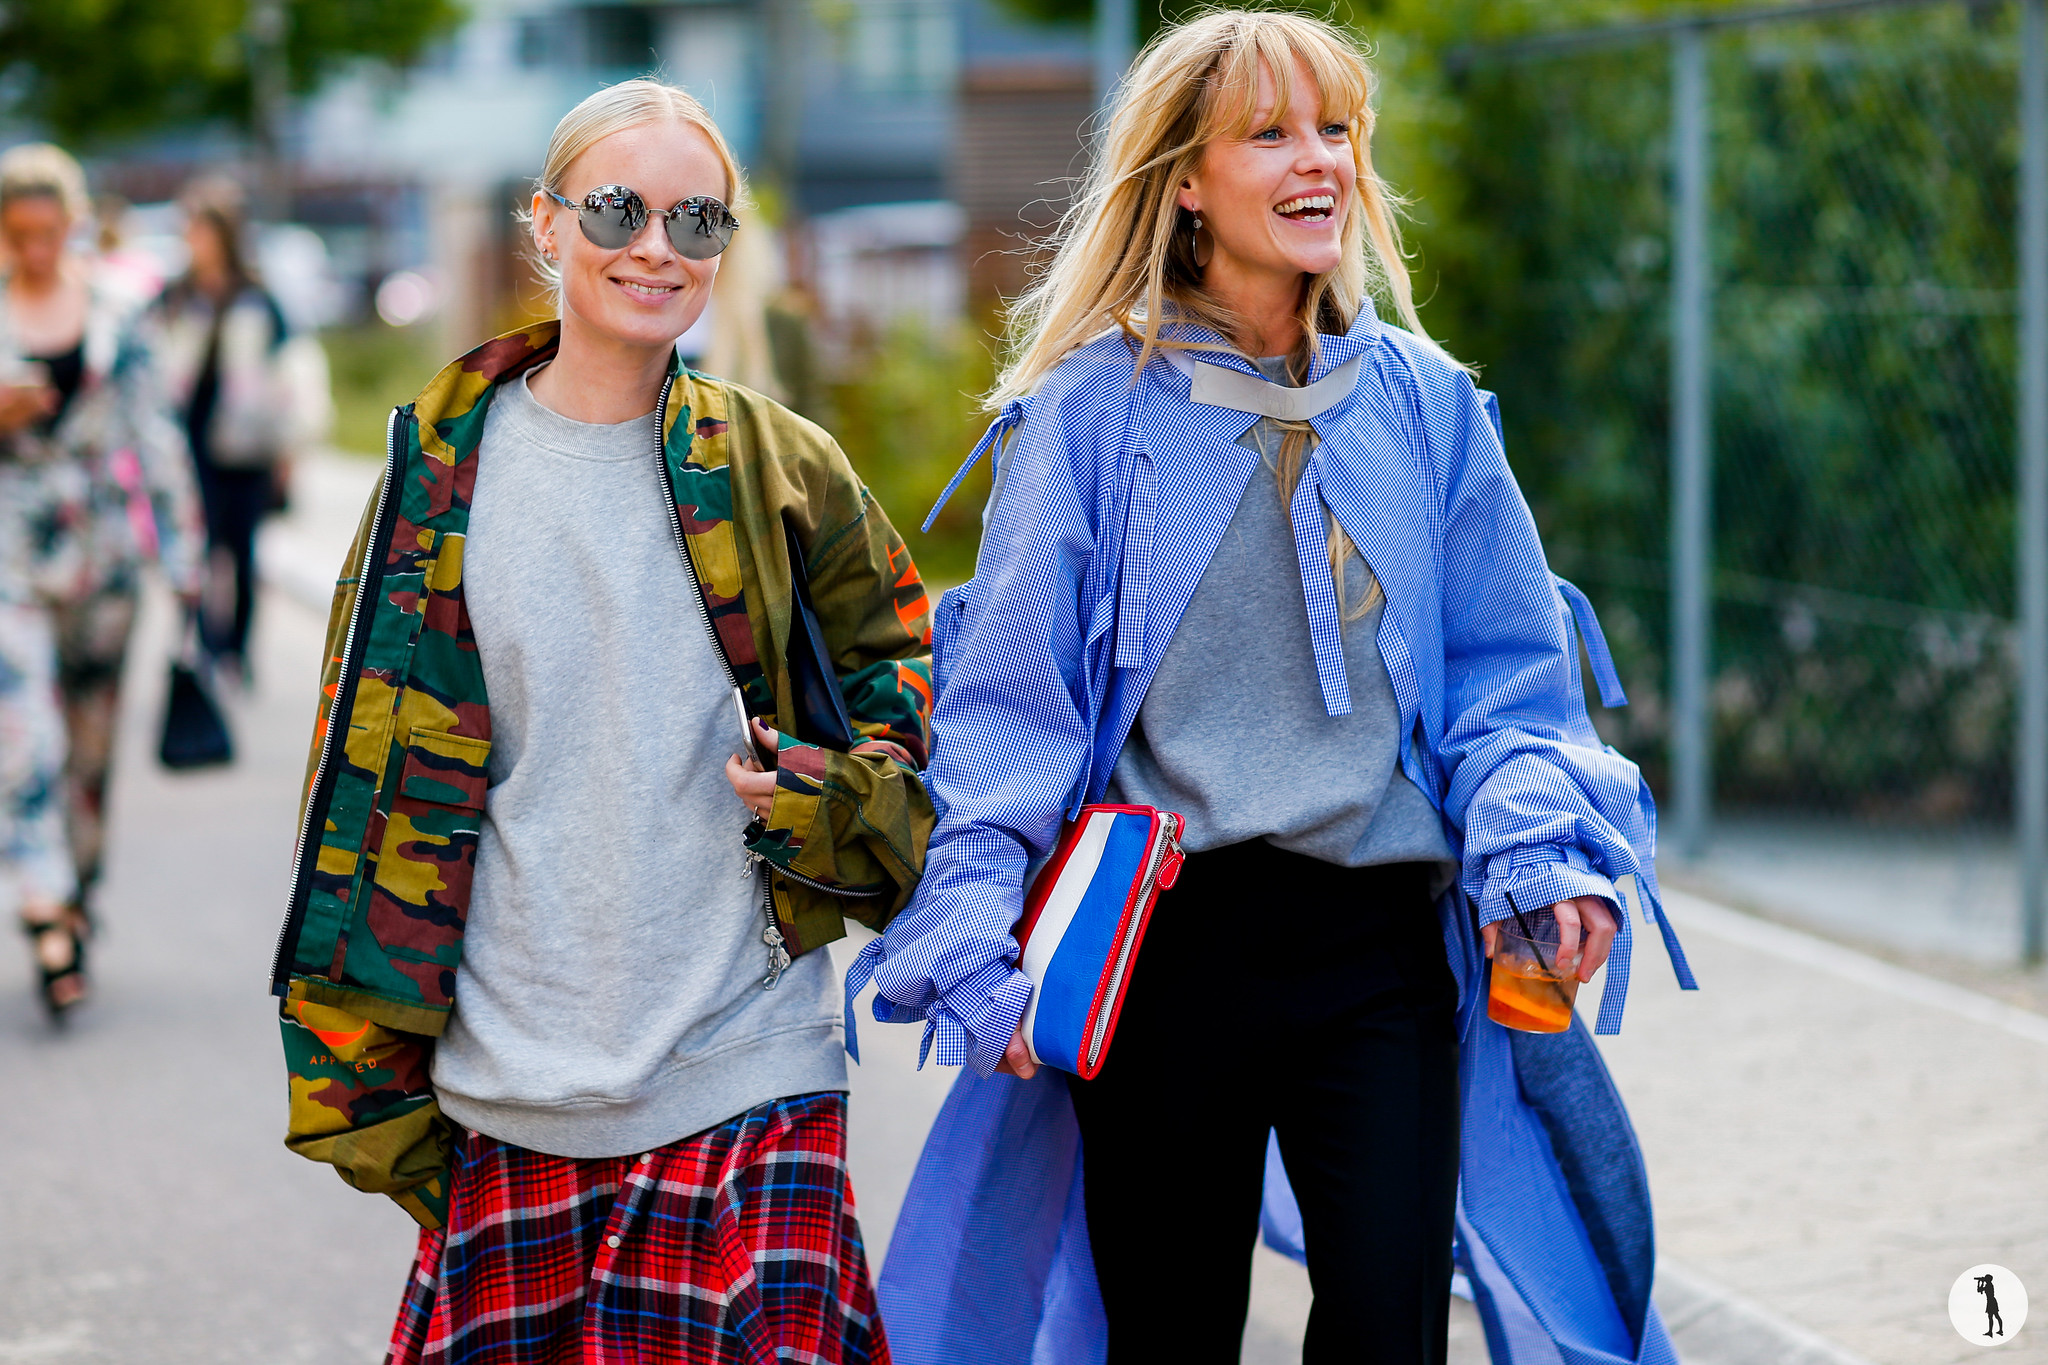 Thora Valdimars and Jeanette Friis Madsen - Copenhagen Fashion week SS17 (2)